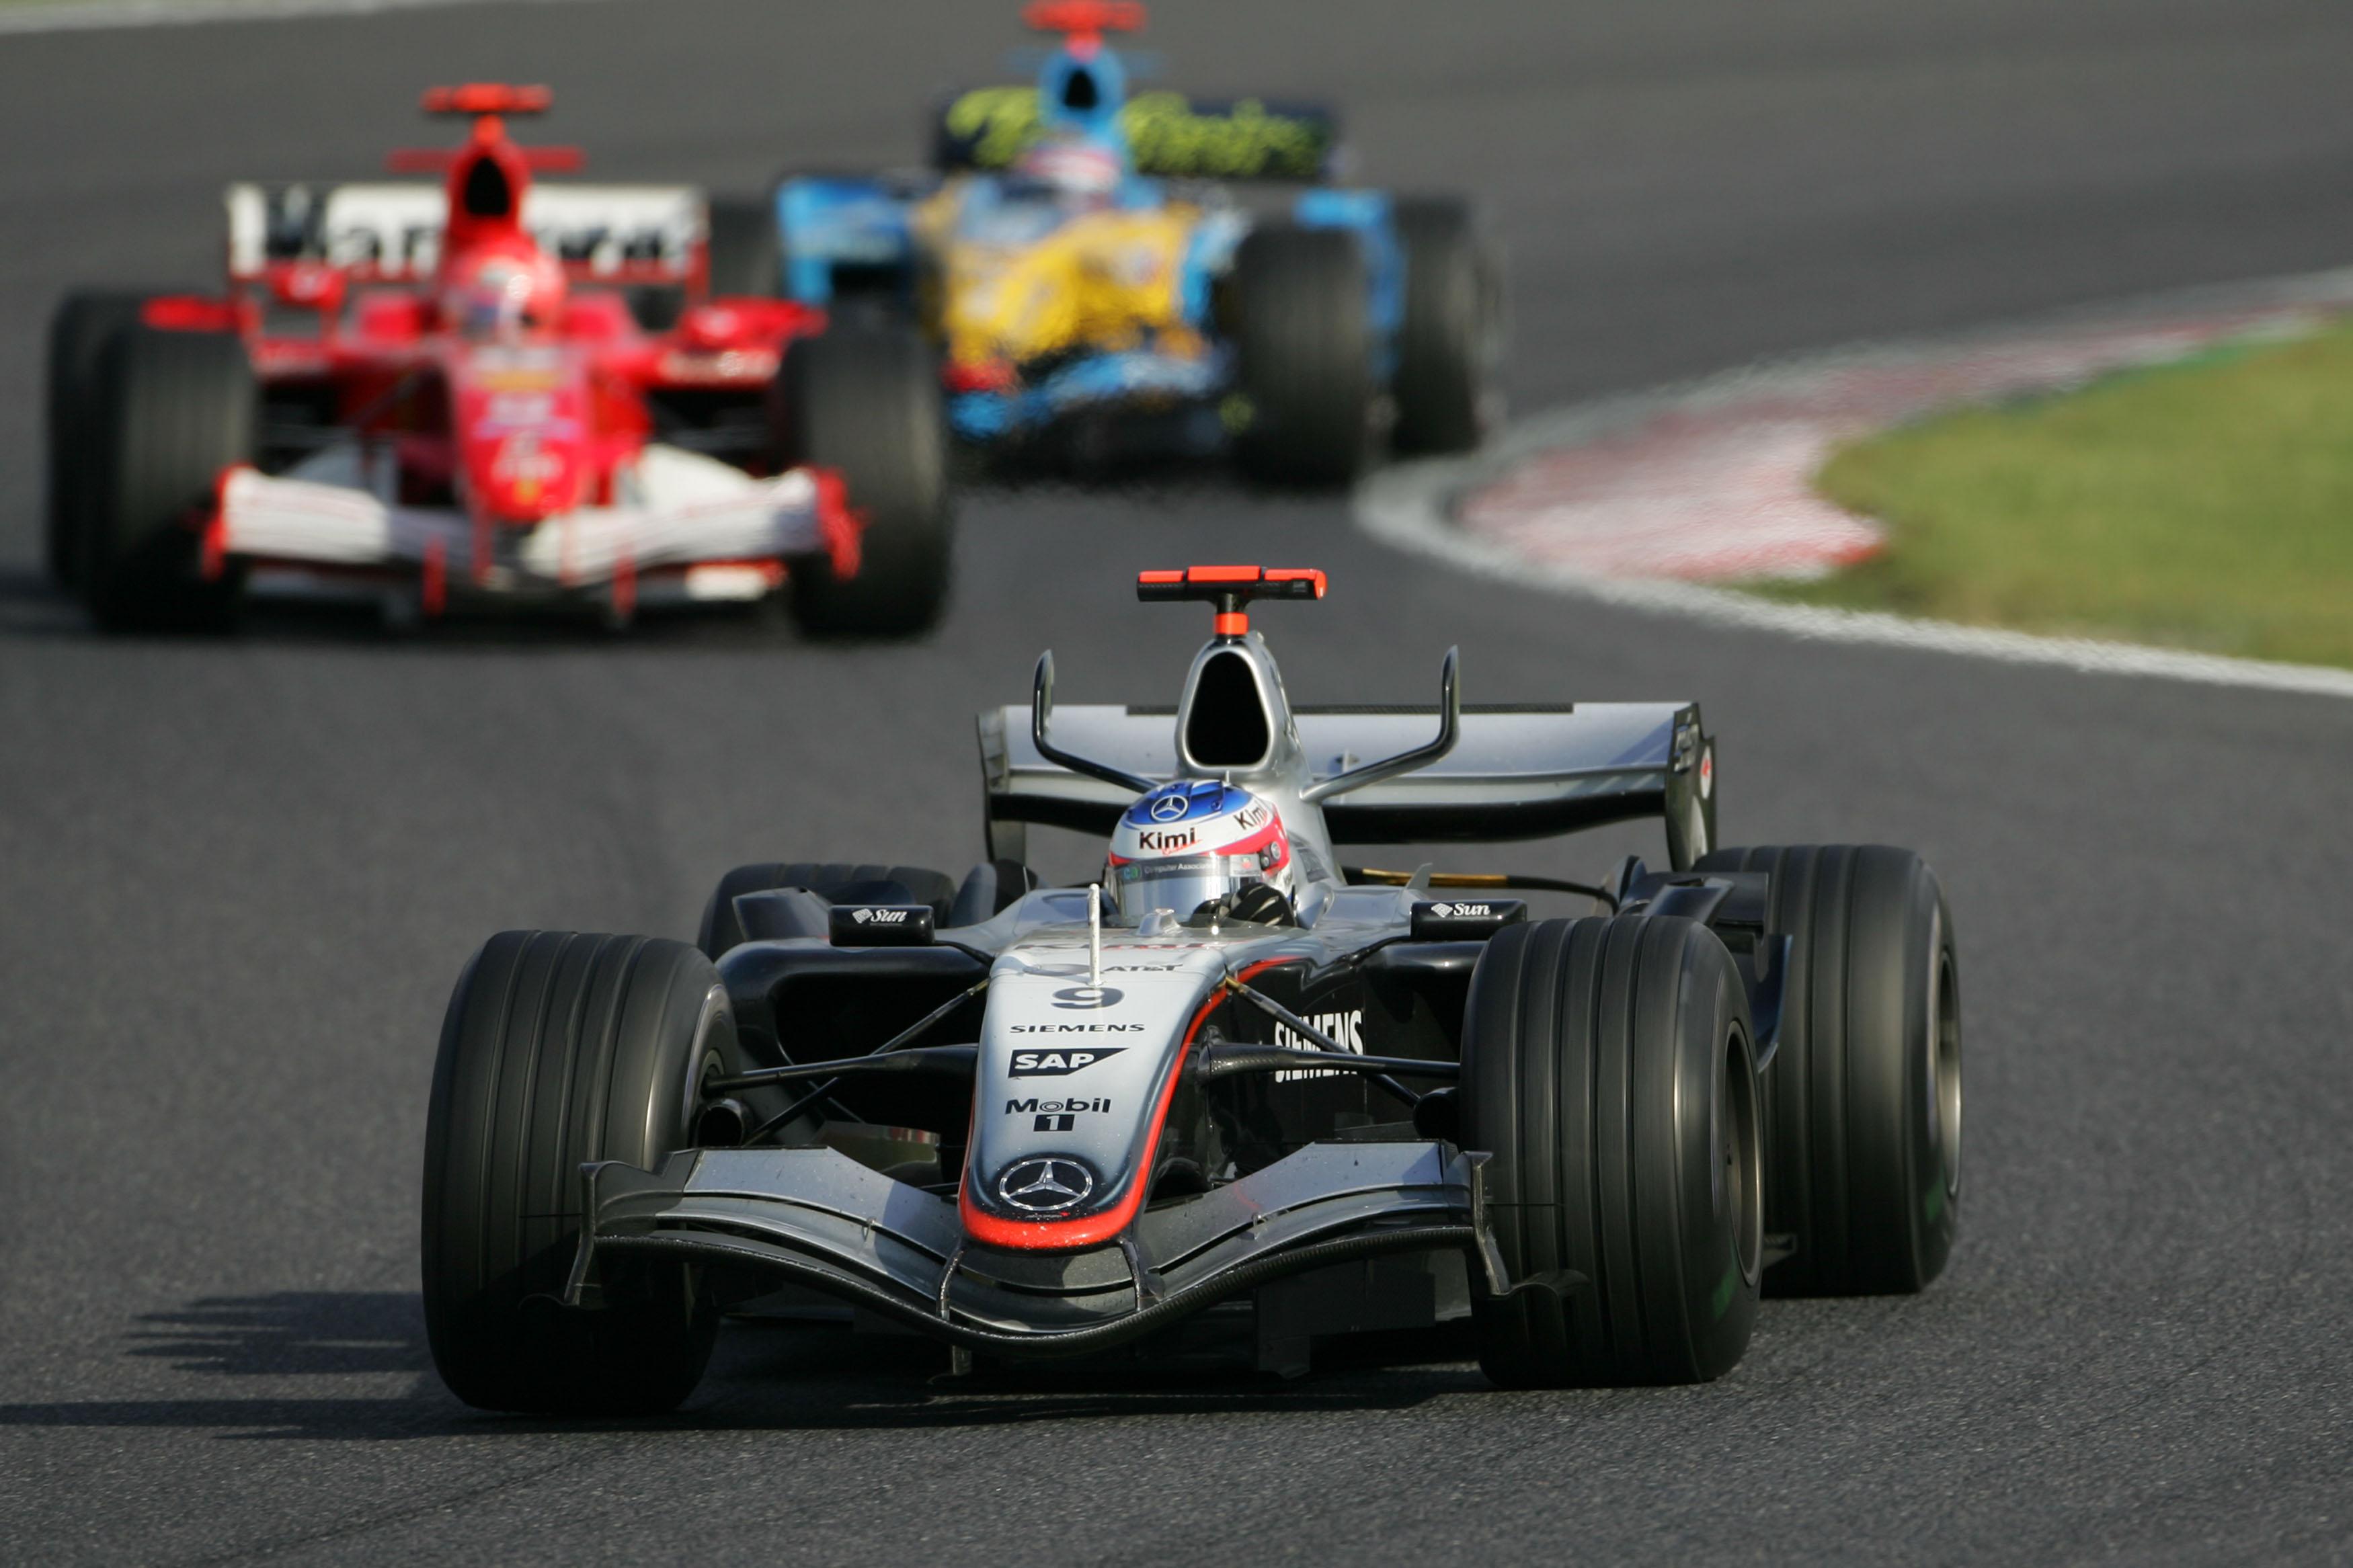 Kimi Raikkonen, McLaren, Japanese Grand Prix, F1 2005